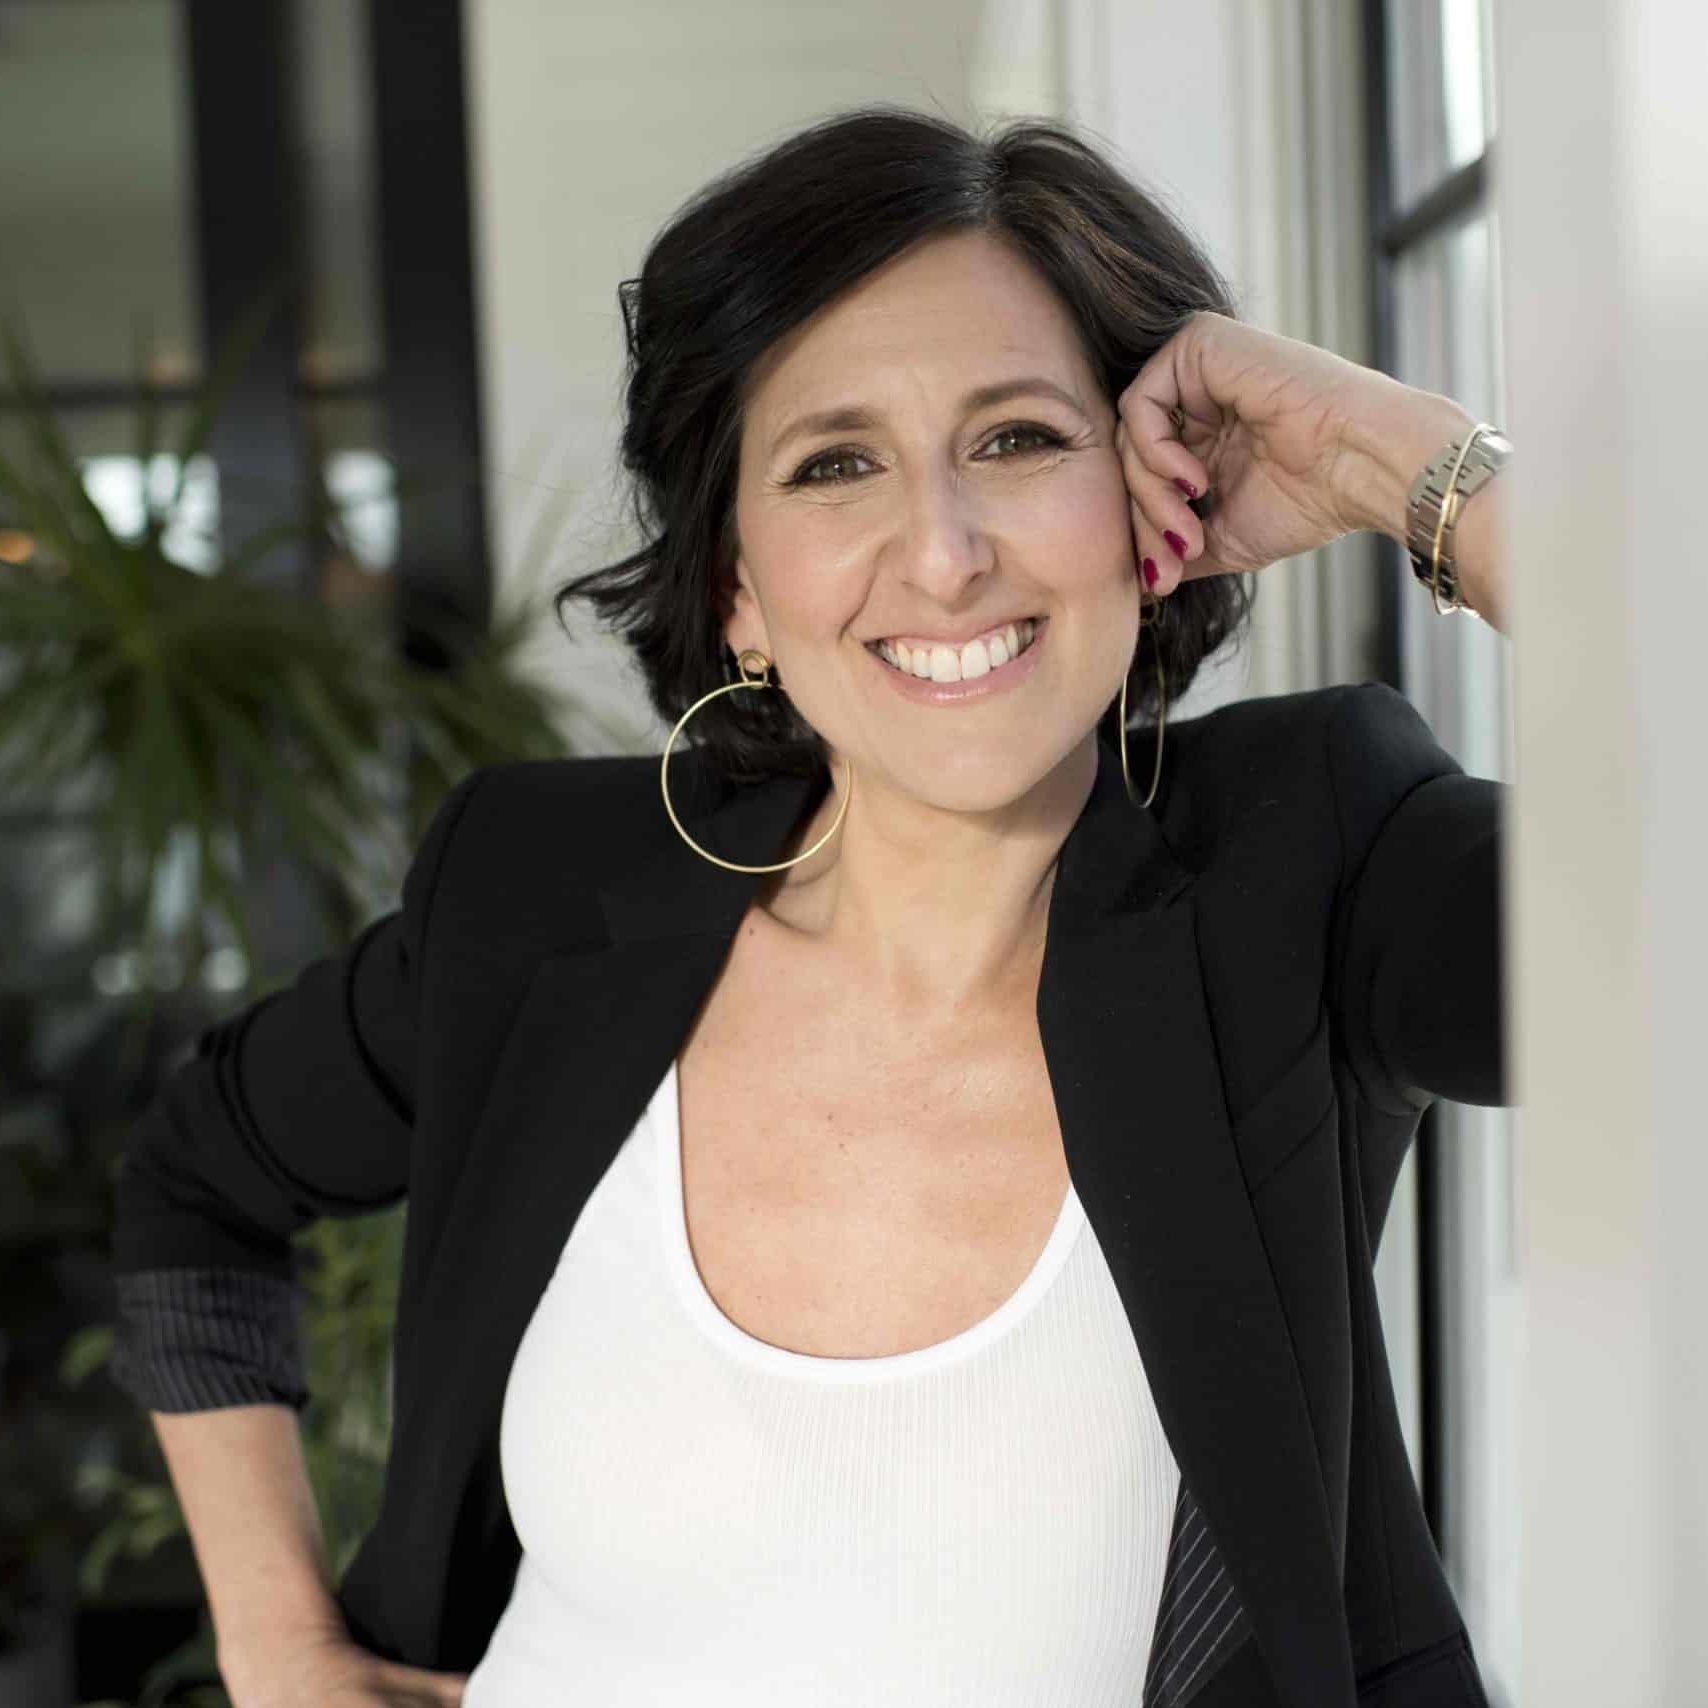 Dr. Aviva Romm, MD